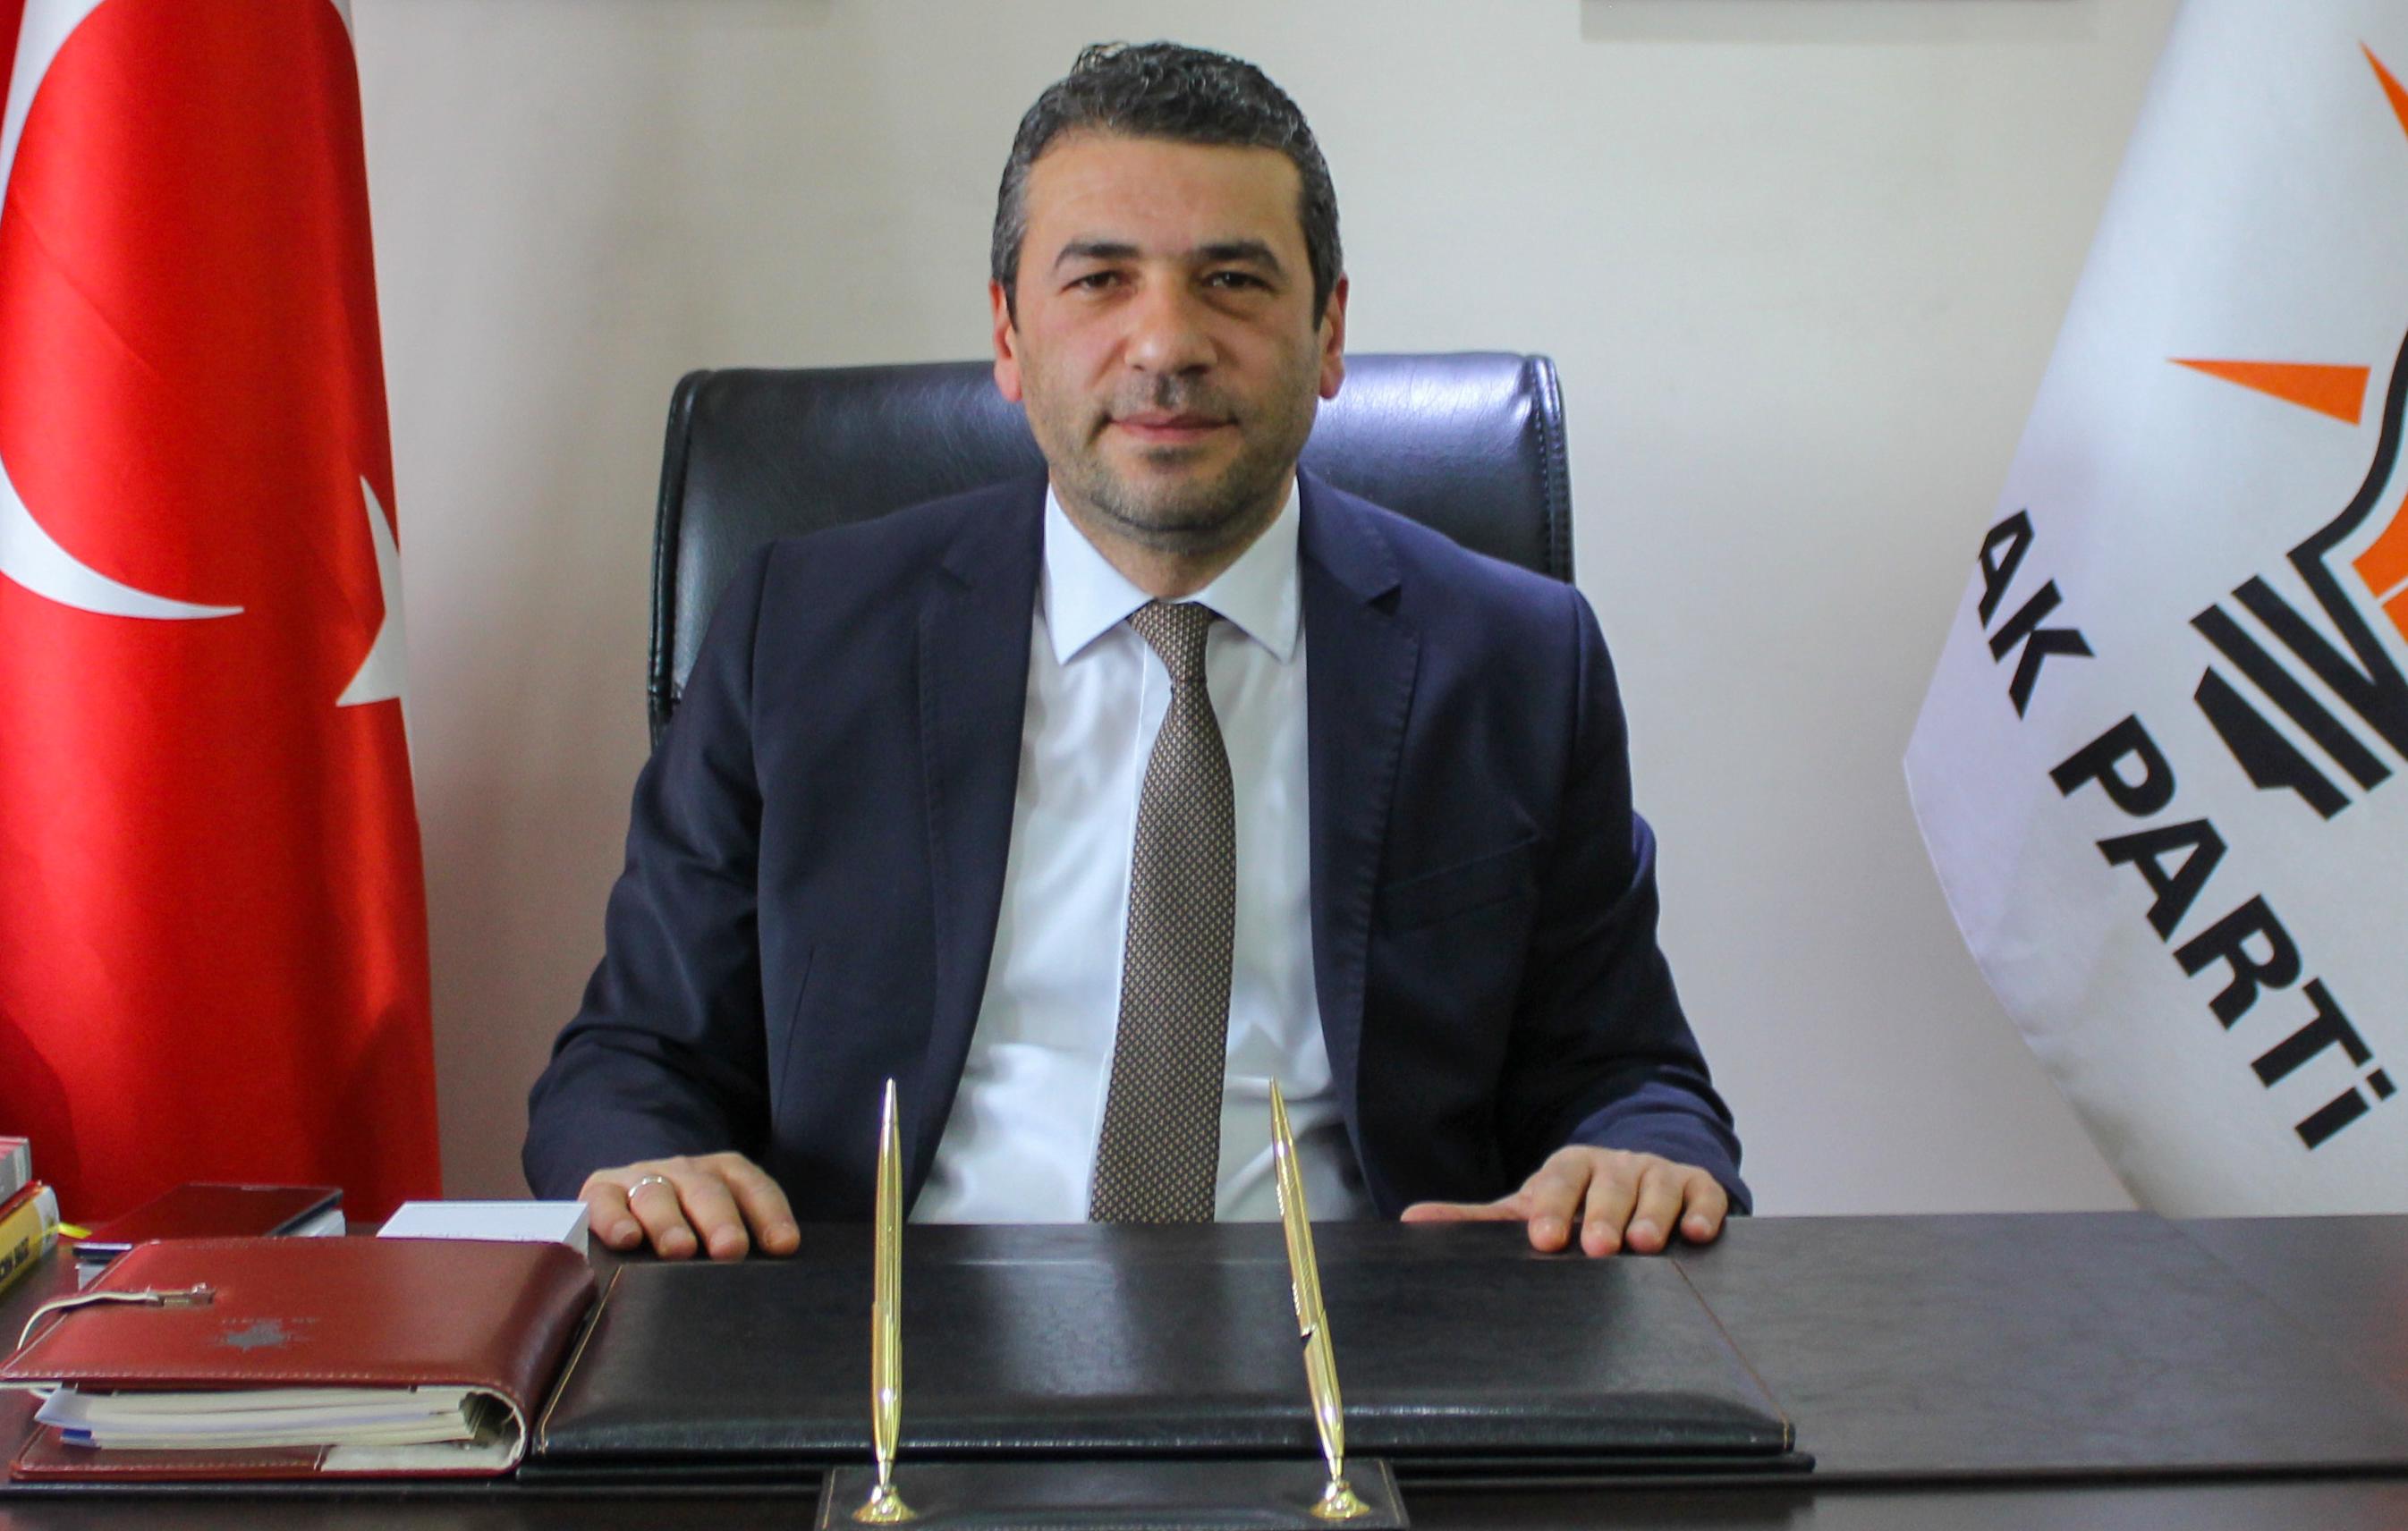 Cumhurbaşkanı Recep Tayyip Erdoğan 13 Nisan'da Giresuna